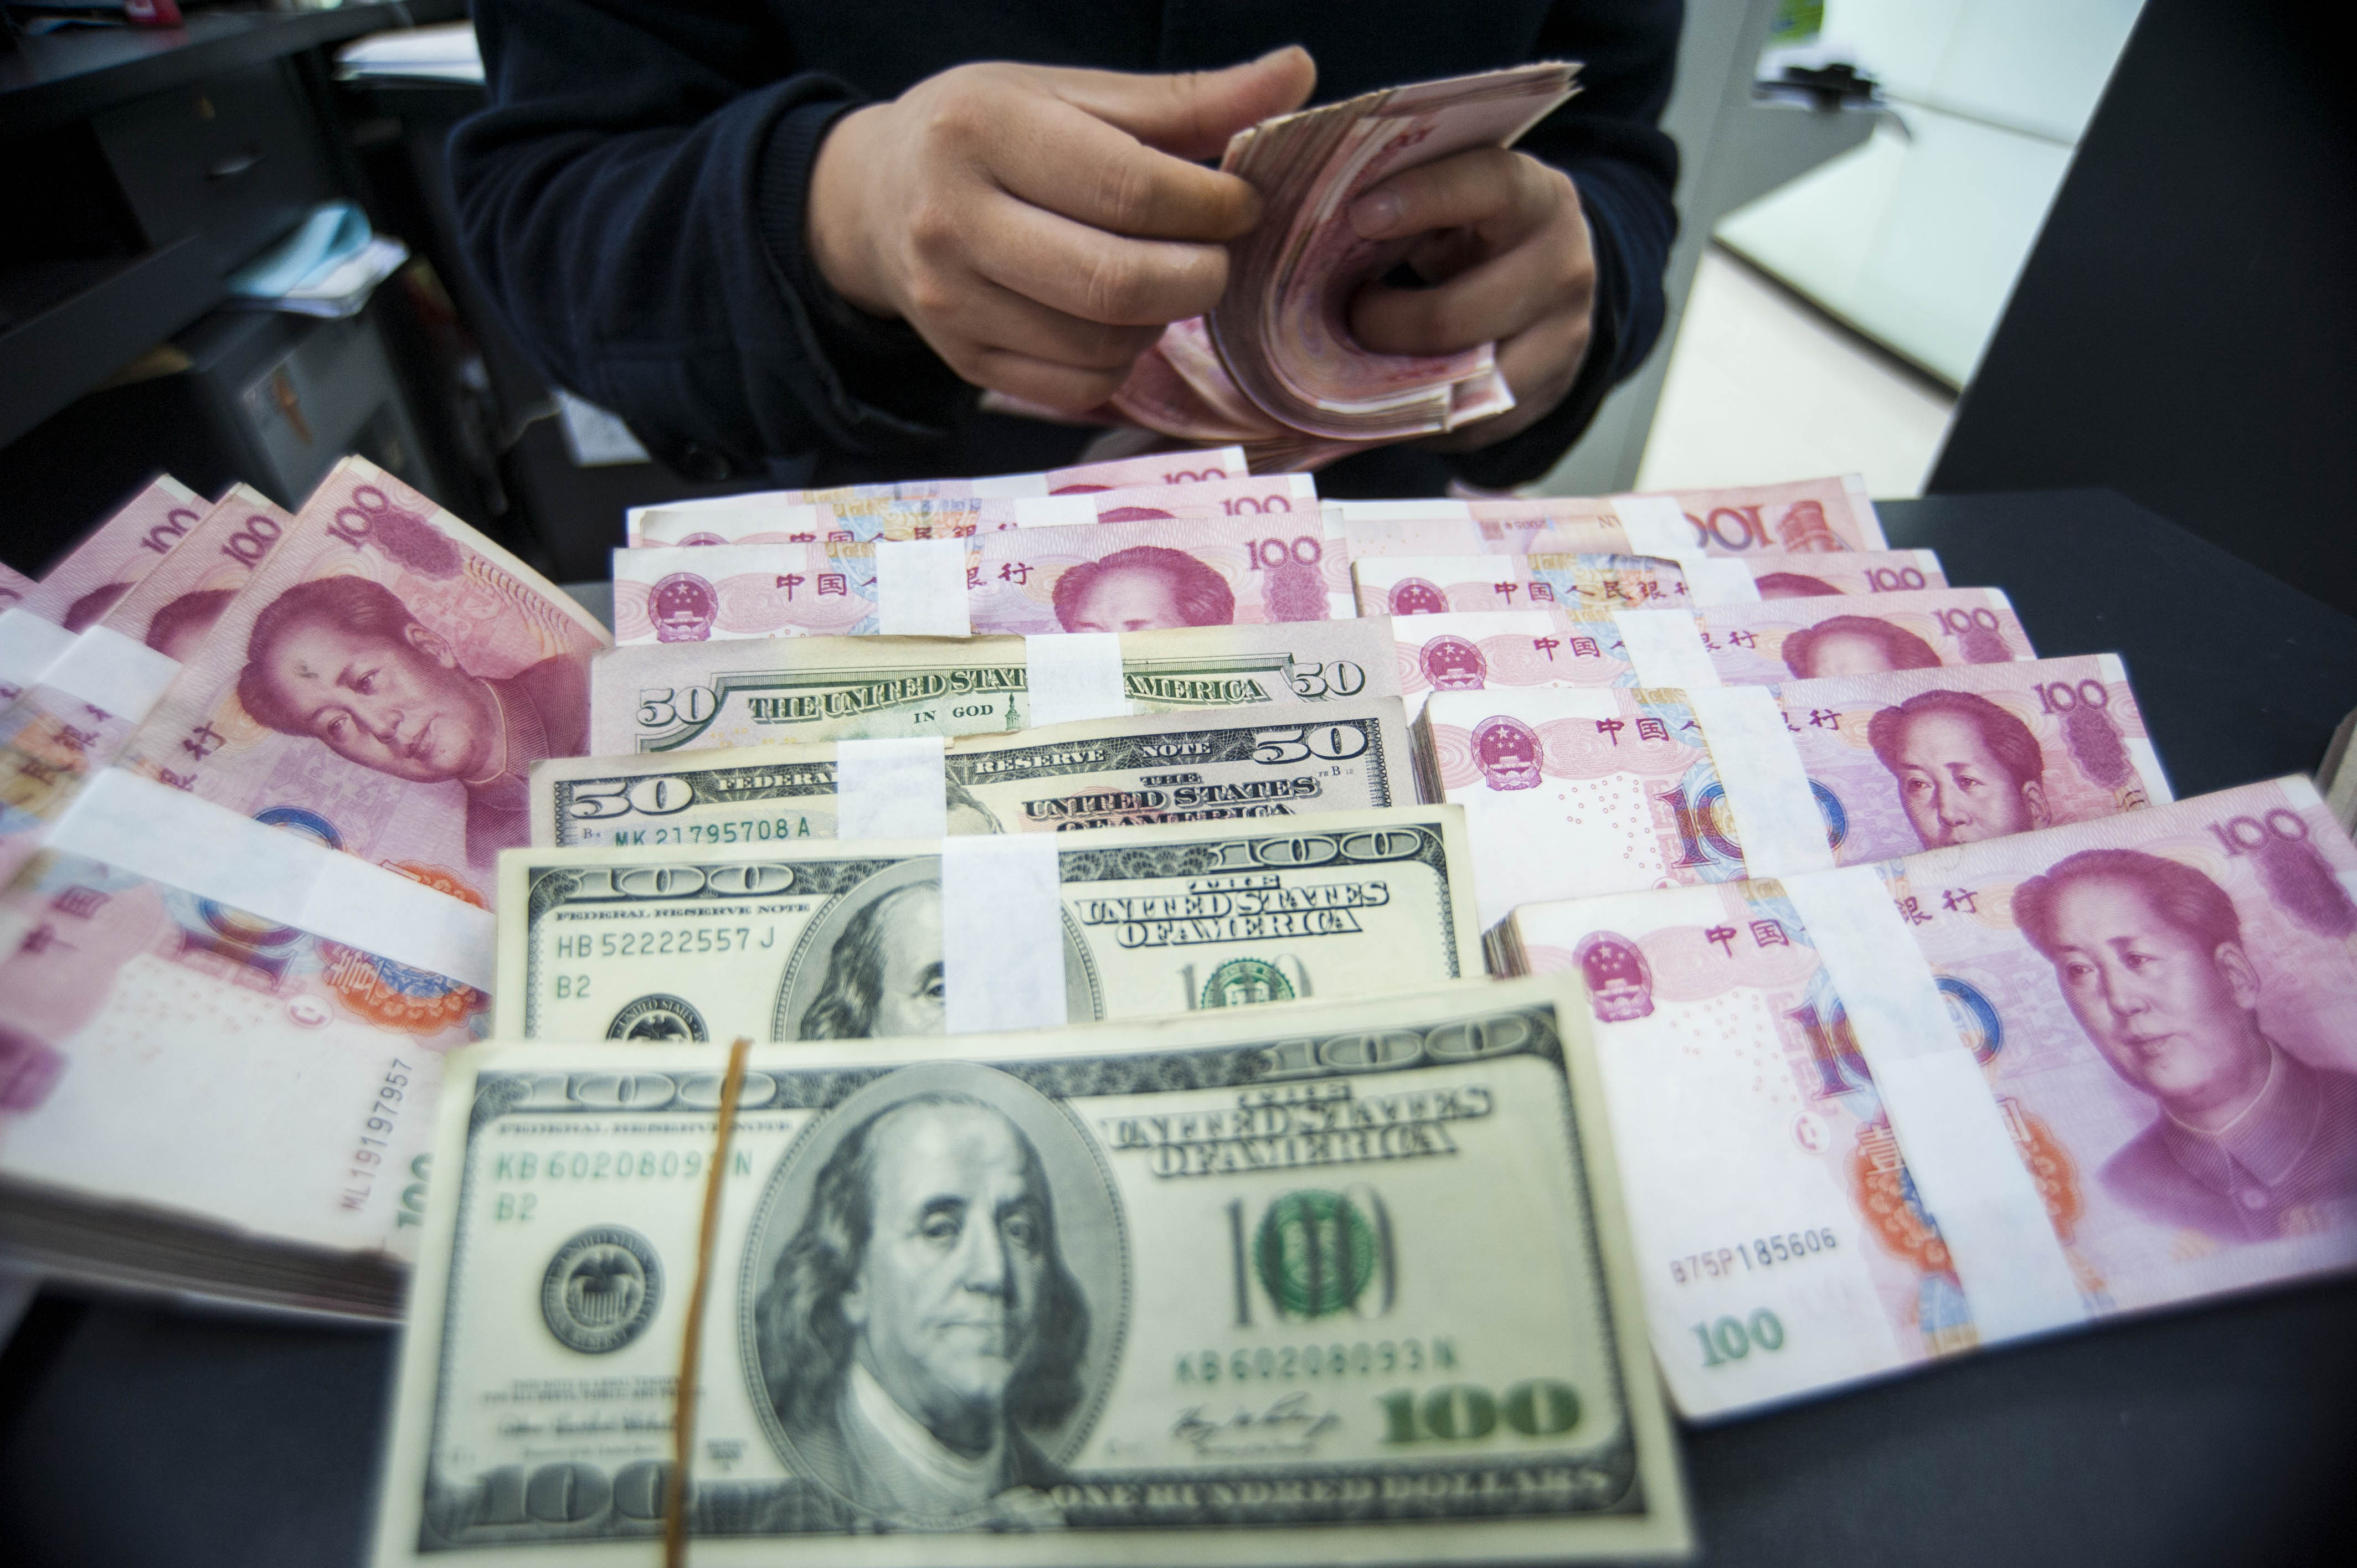 Újabb bankokra támadhatnak minden idők egyik legnagyobb bankrablásának elkövetői